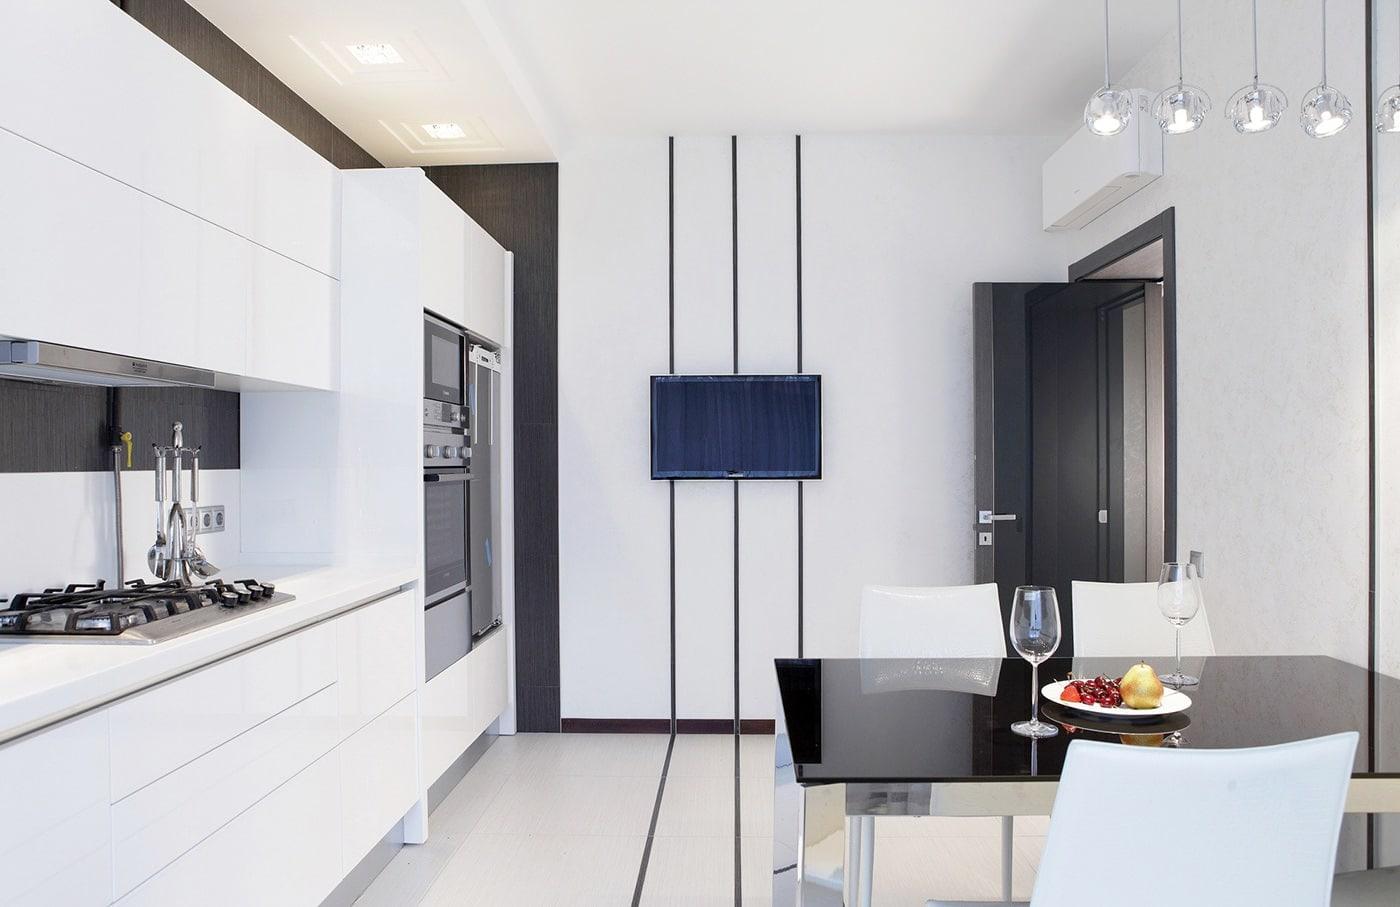 дизайн интерьера кухни 3 на 4